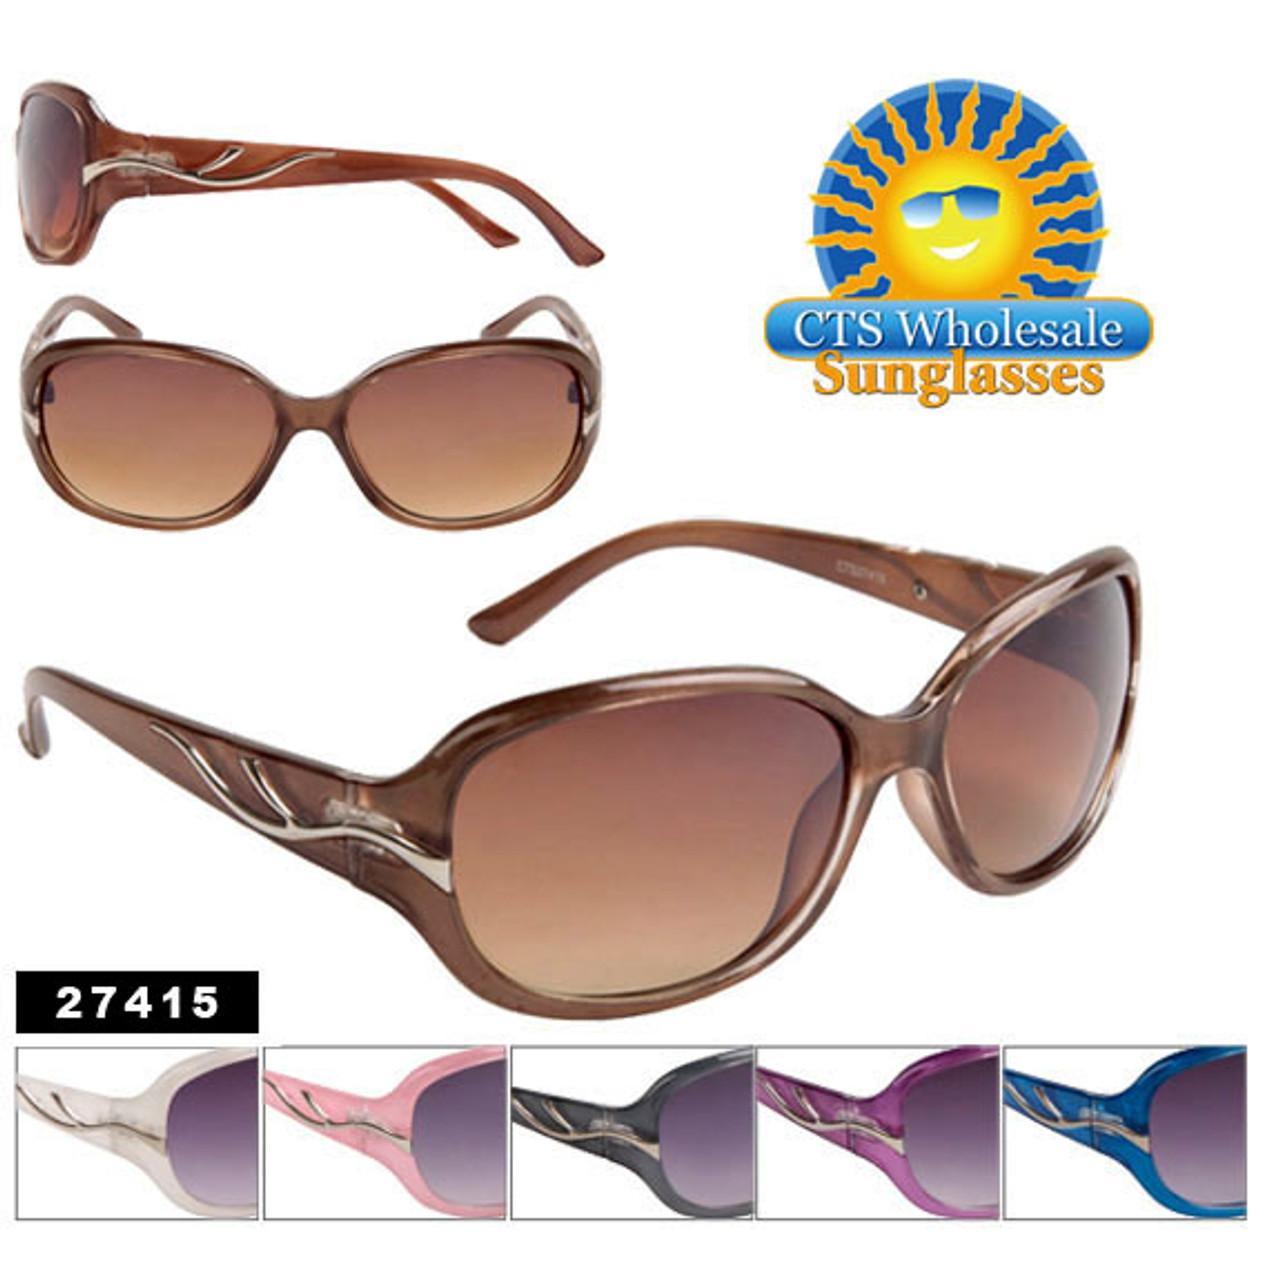 Fashion Sunglasses Wholesale